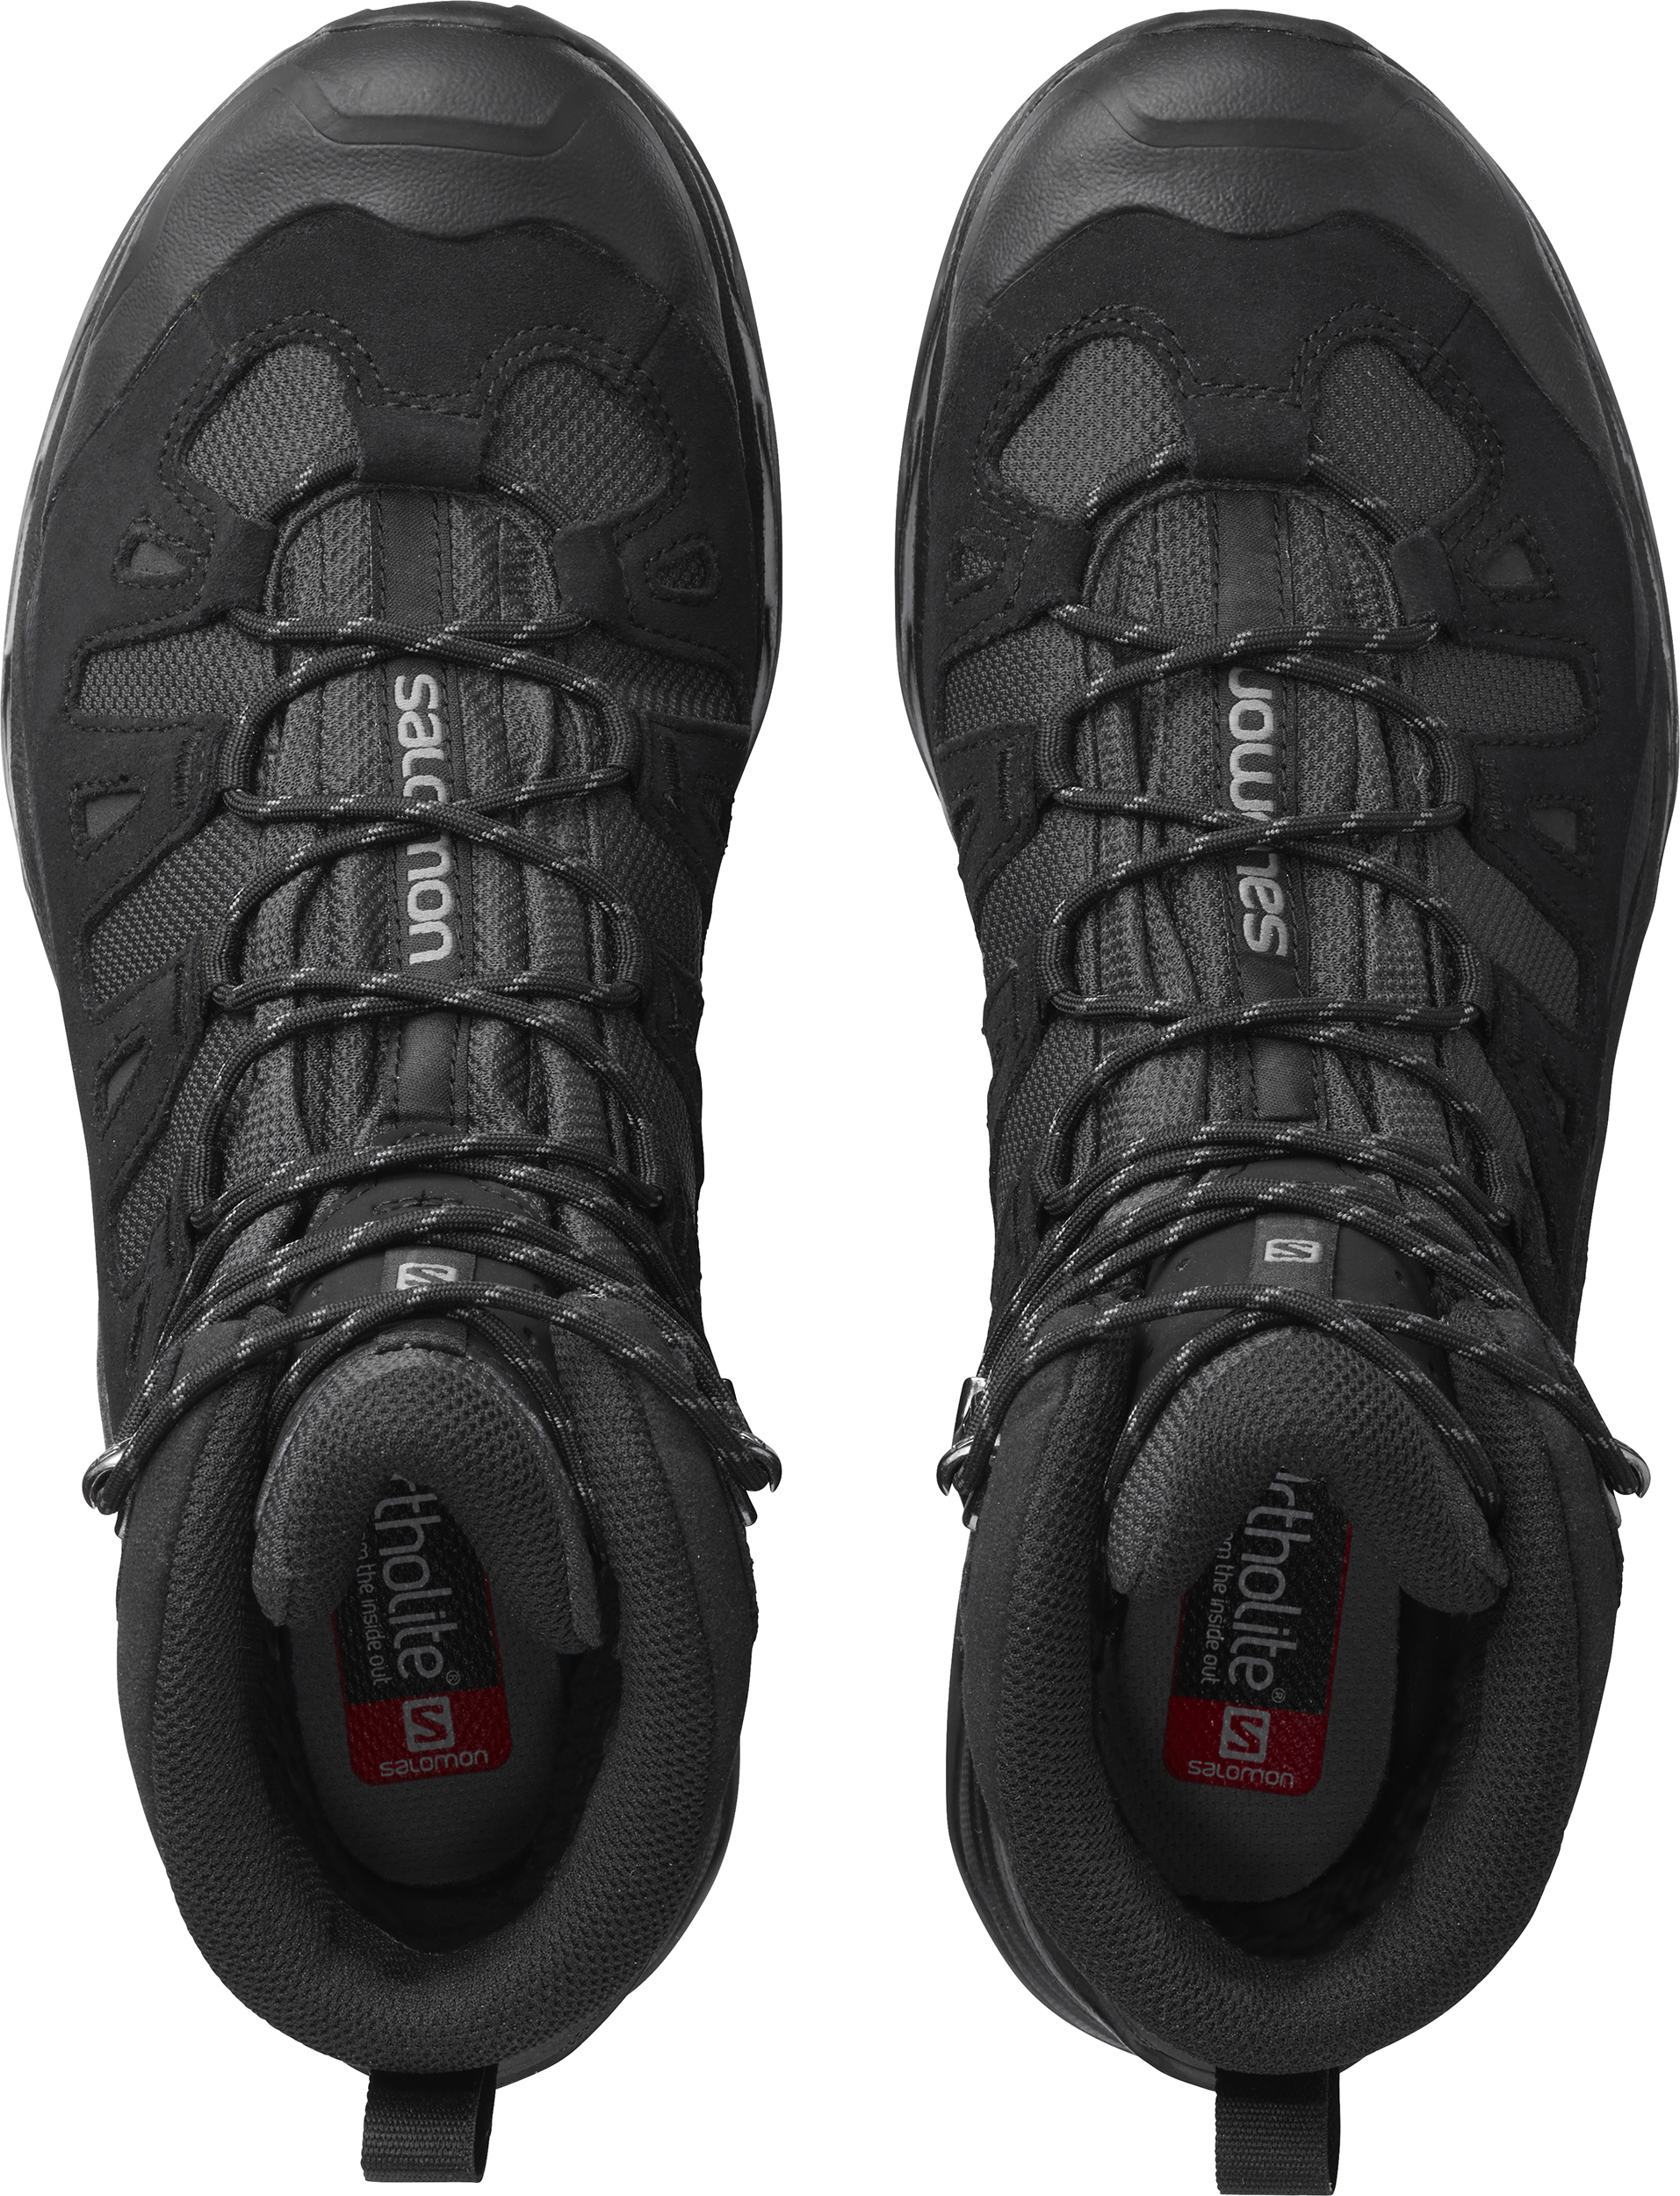 Salomon Quest Prime GTX Hiking Shoes Men's